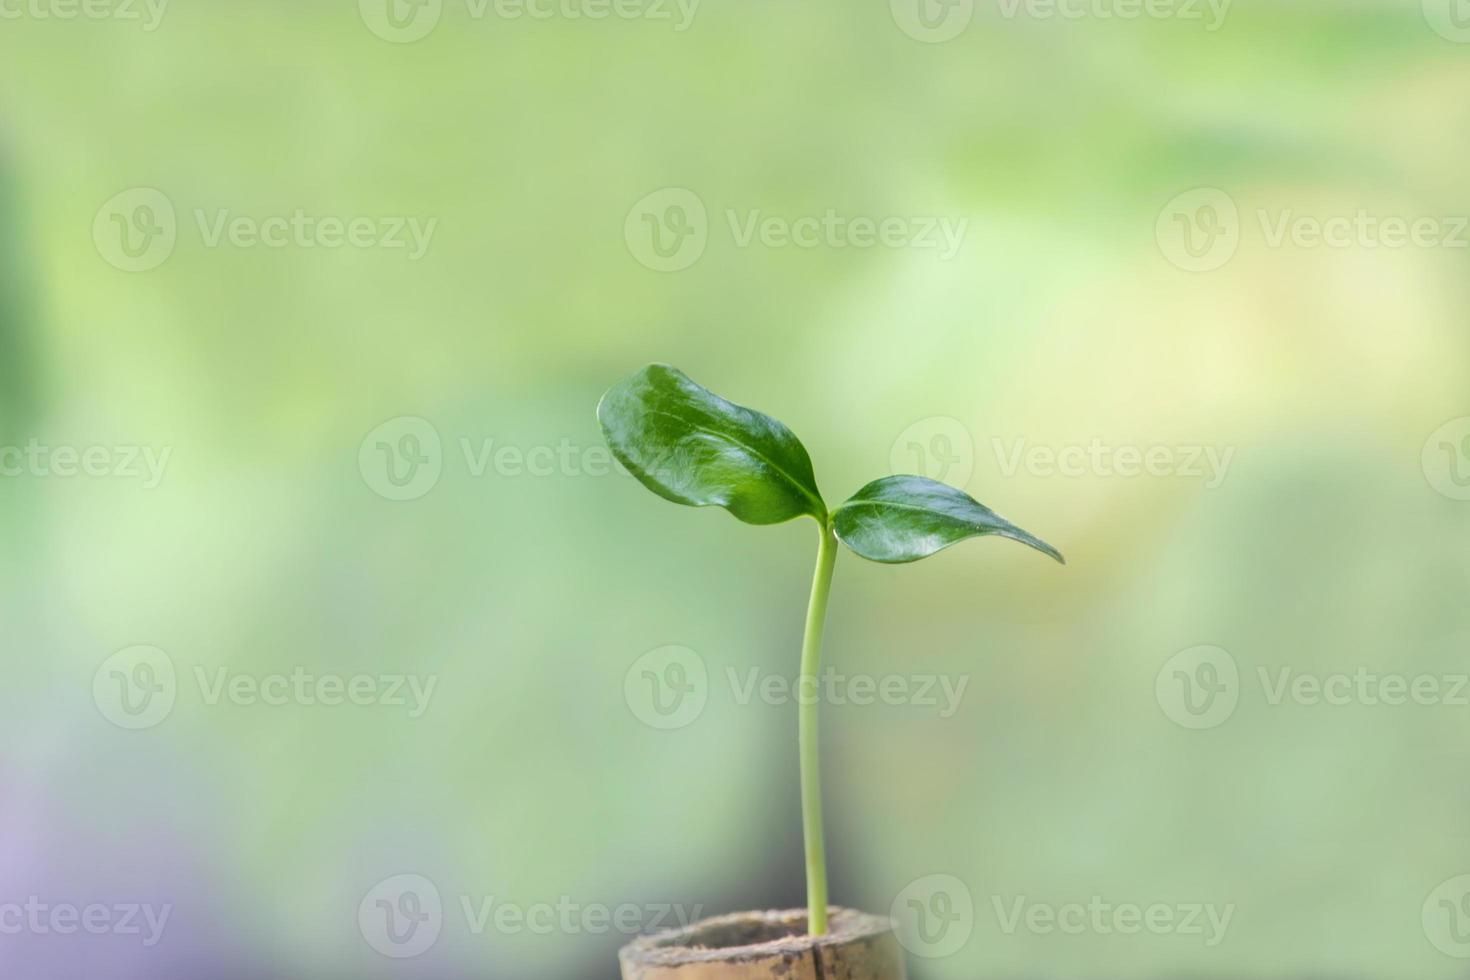 junge Pflanze in Töpfen gezüchtet, um die Umwelt zu schonen foto